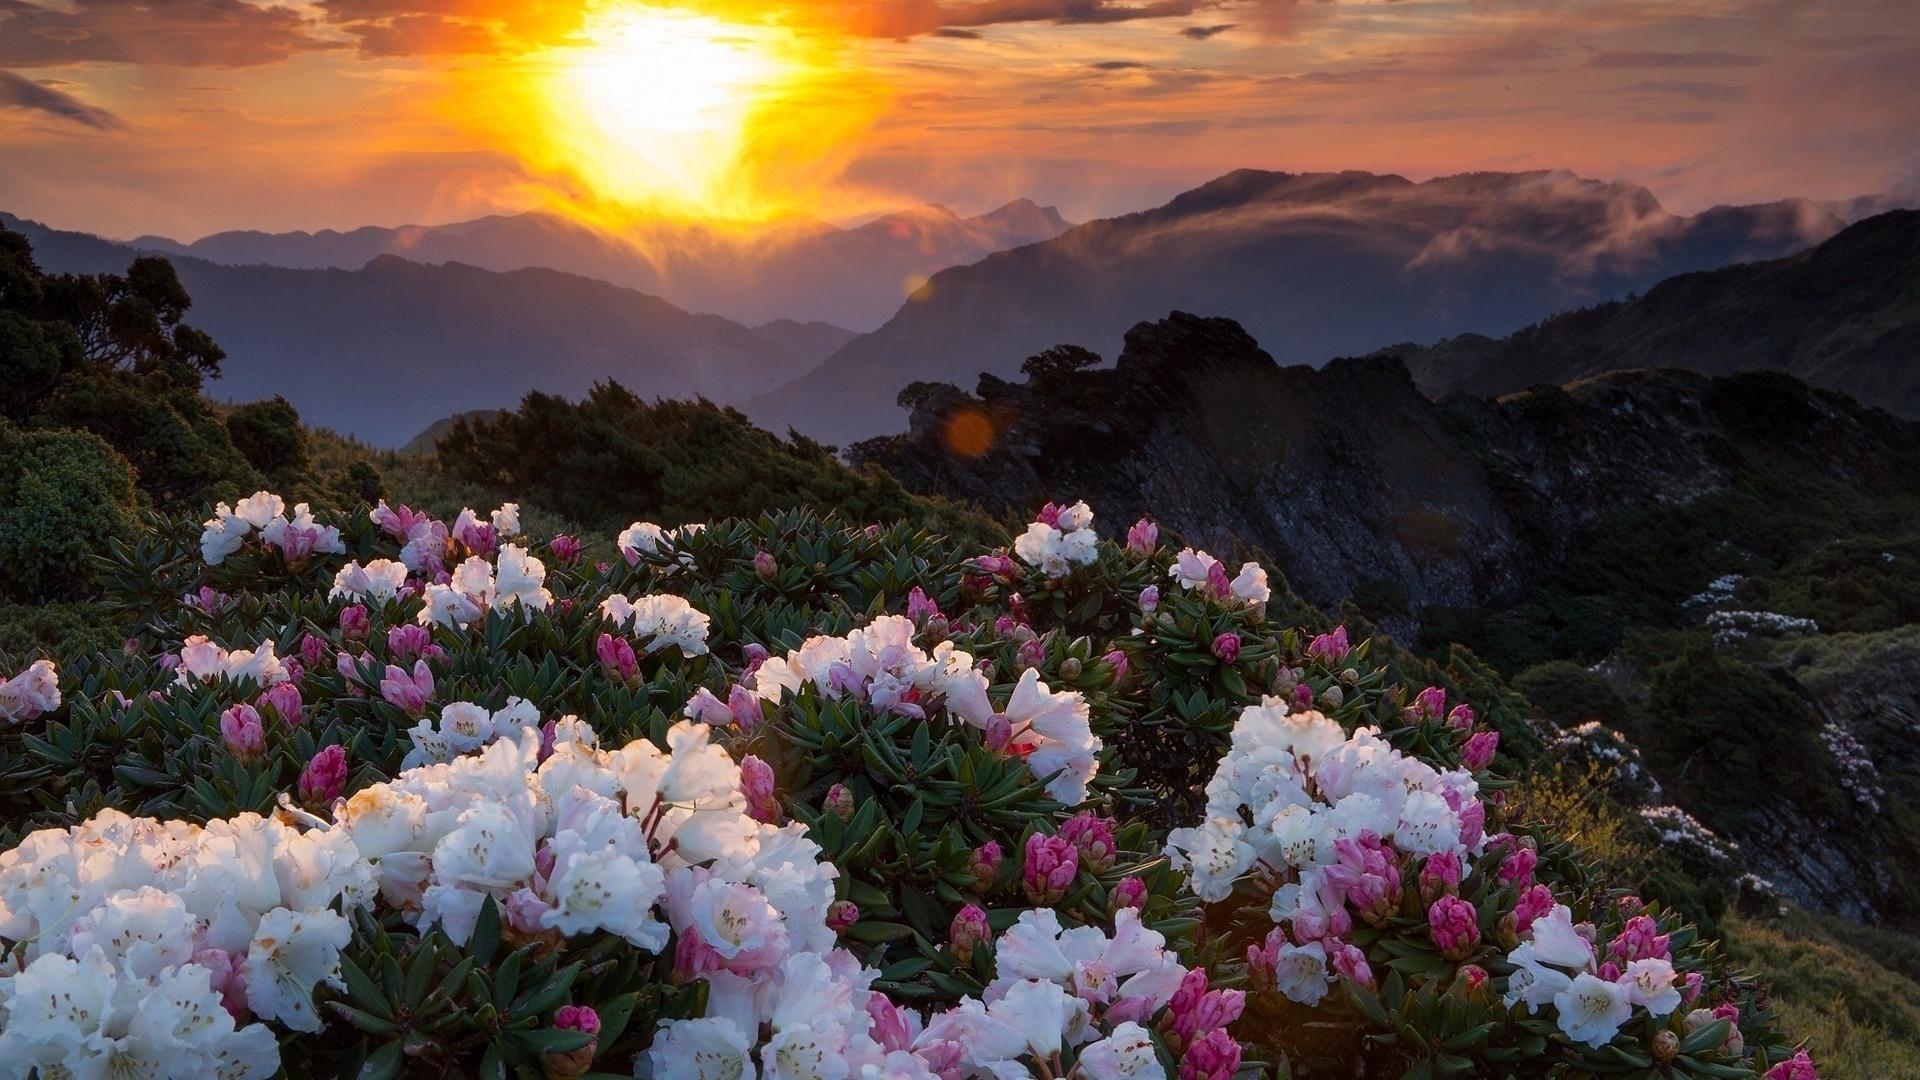 небо очень красивые картинки с природой и цветами объявления продаже или